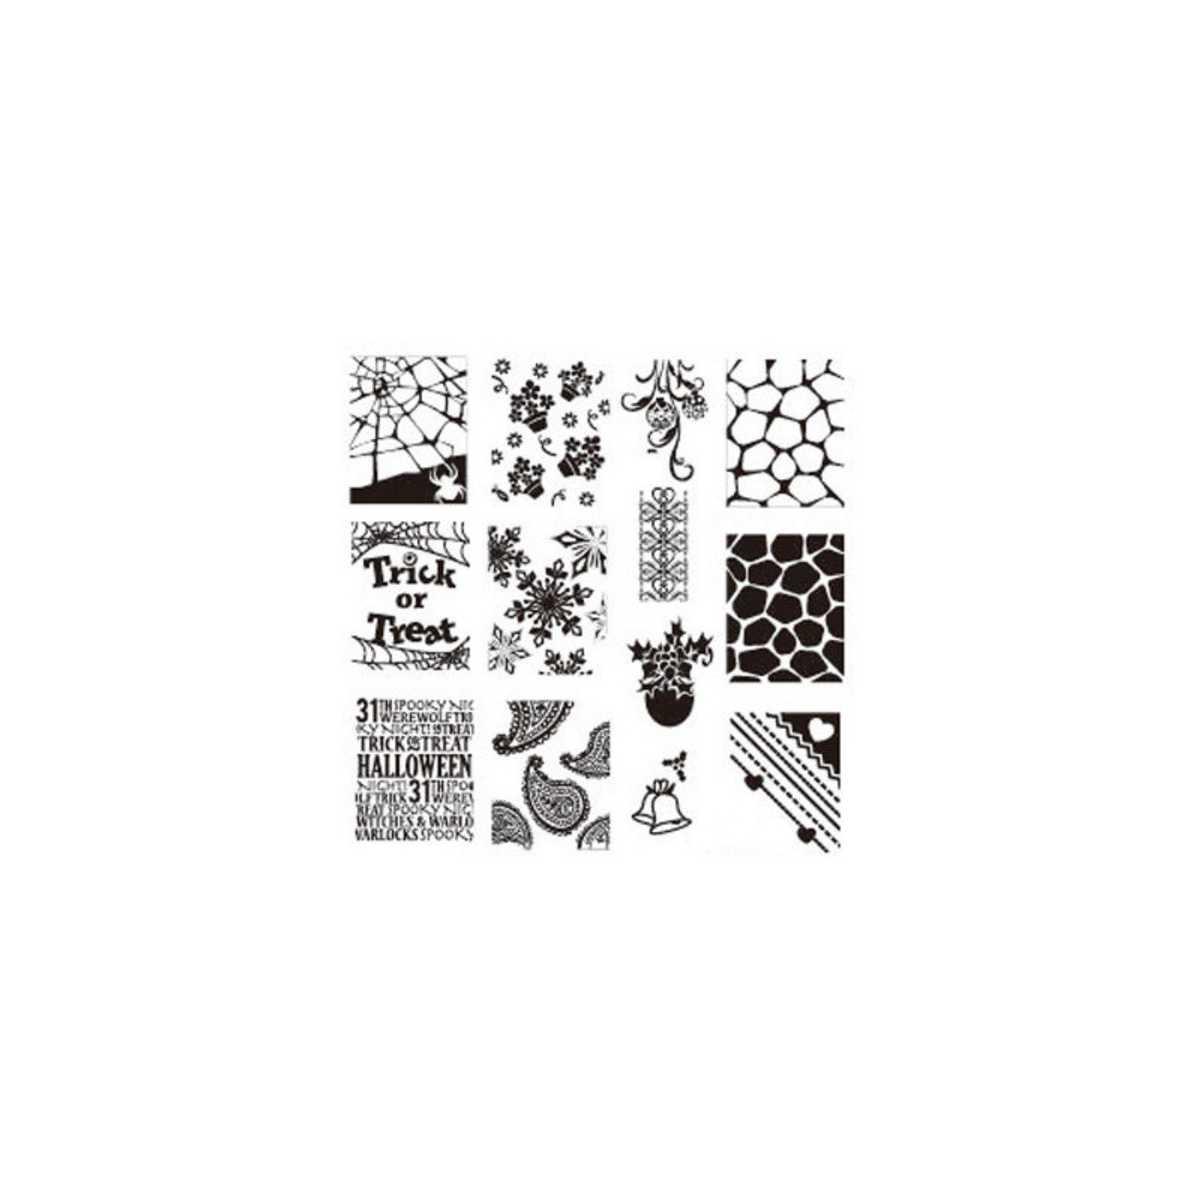 https://www.kit-manucure.com/1005-thickbox_default/plaque-de-stamping-halloween-flocons-de-neige-cloche-de-pâques-fleurs-et-effet-craquelé.jpg